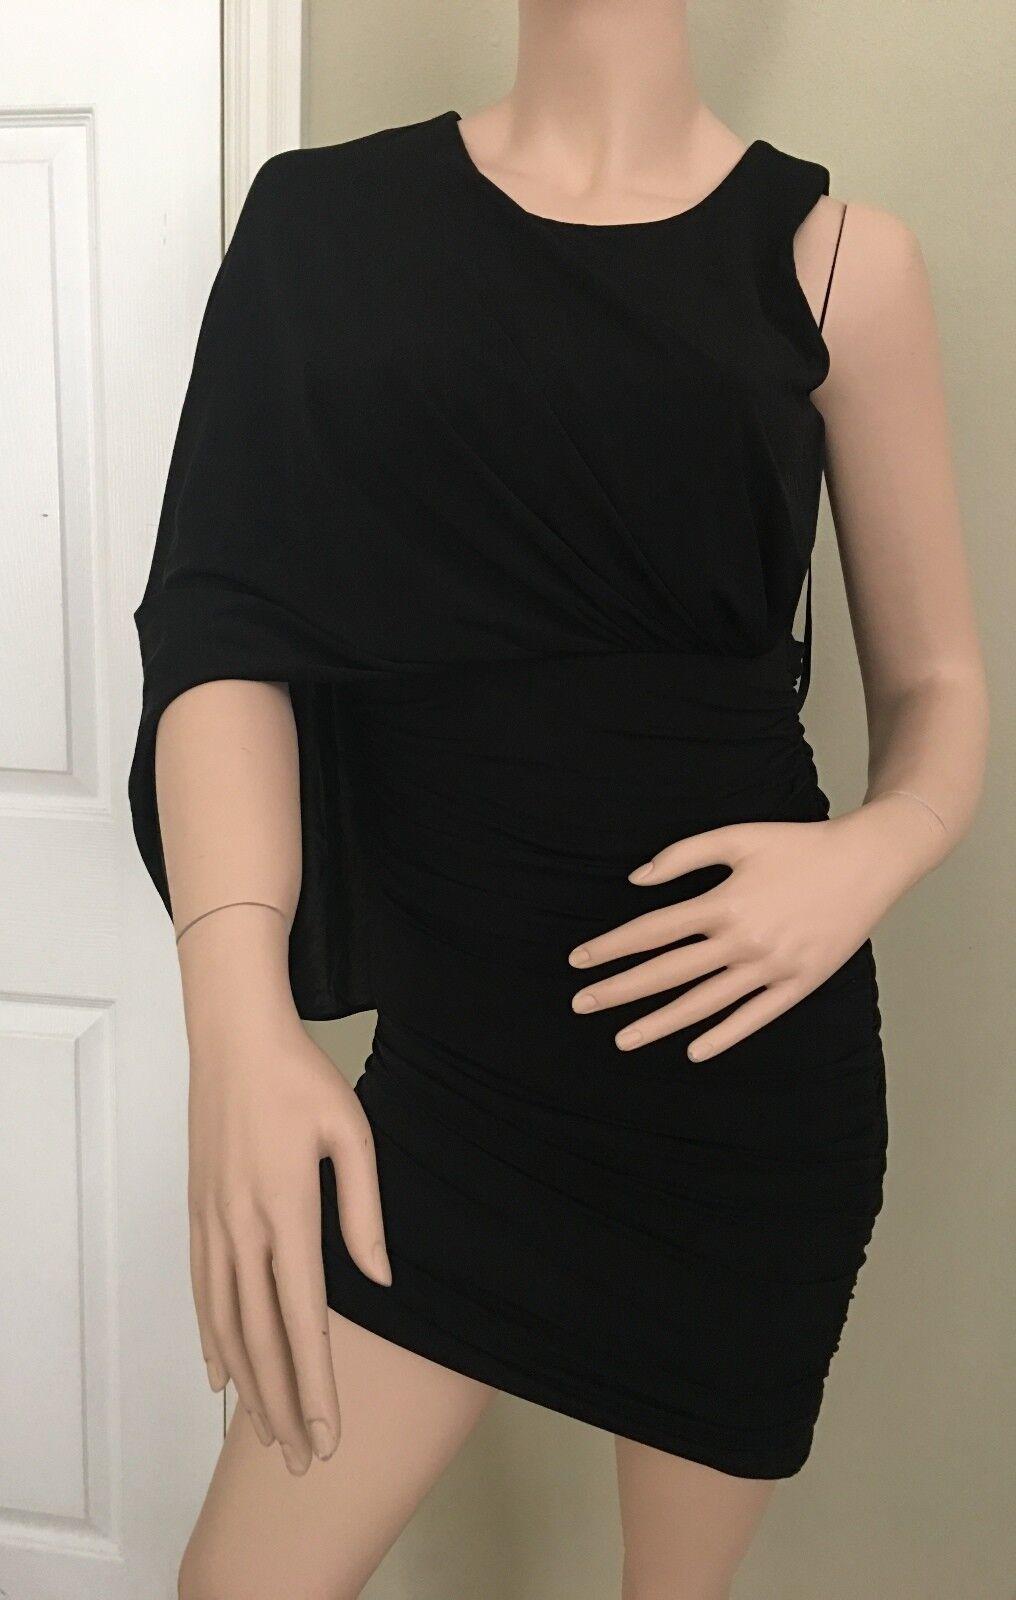 Bcbgmaxazria Venus Abito Misura X- Piccolo Farbee schwarz